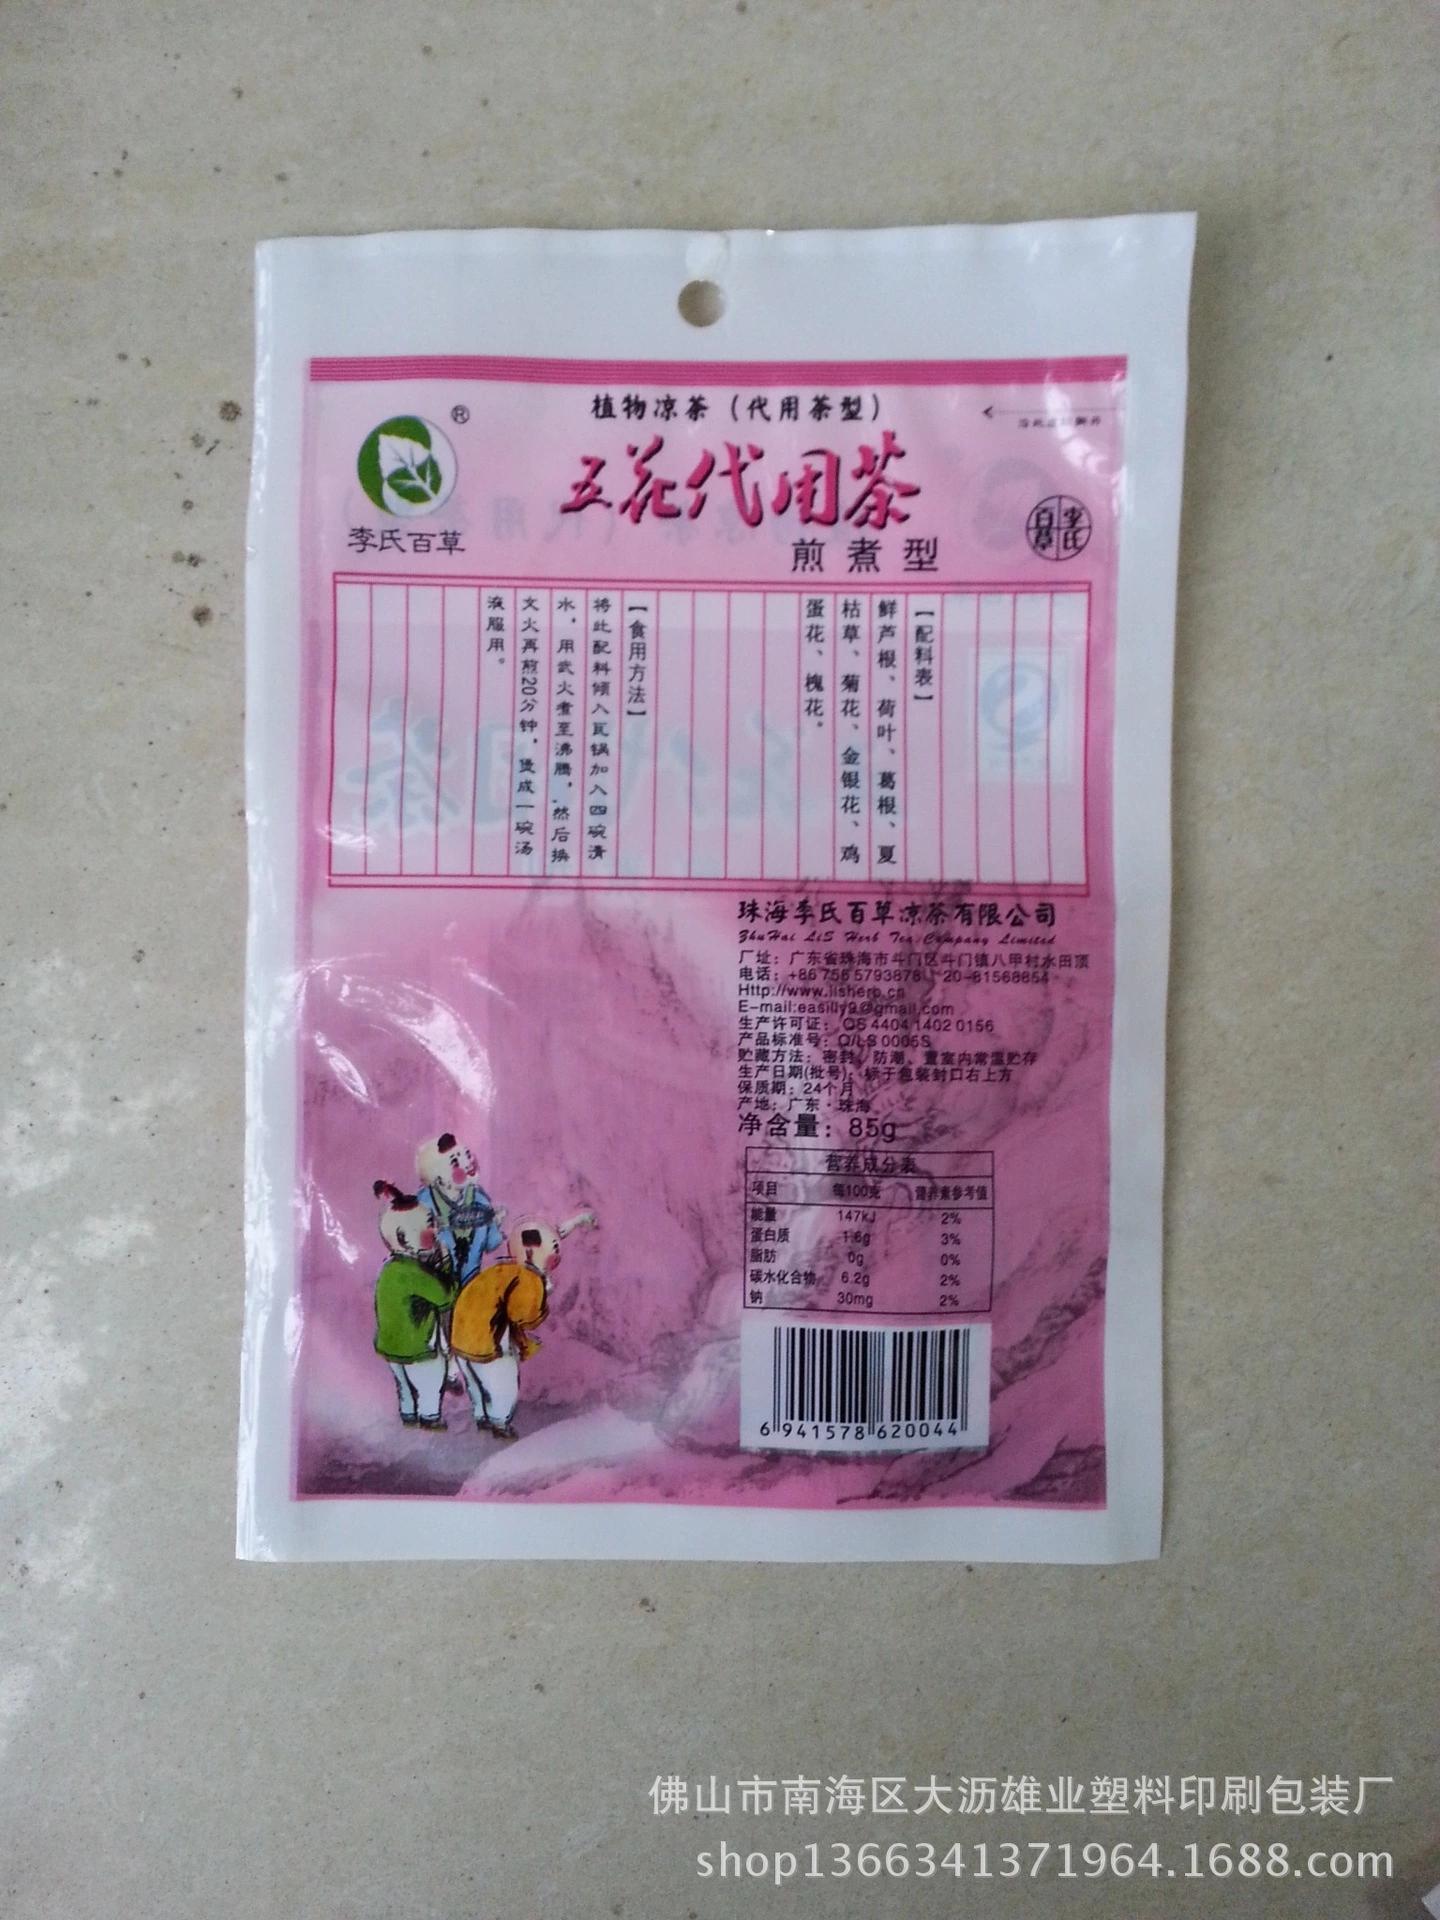 工厂定制菊花茶凉茶包装袋廿四味凉茶包装三边袋